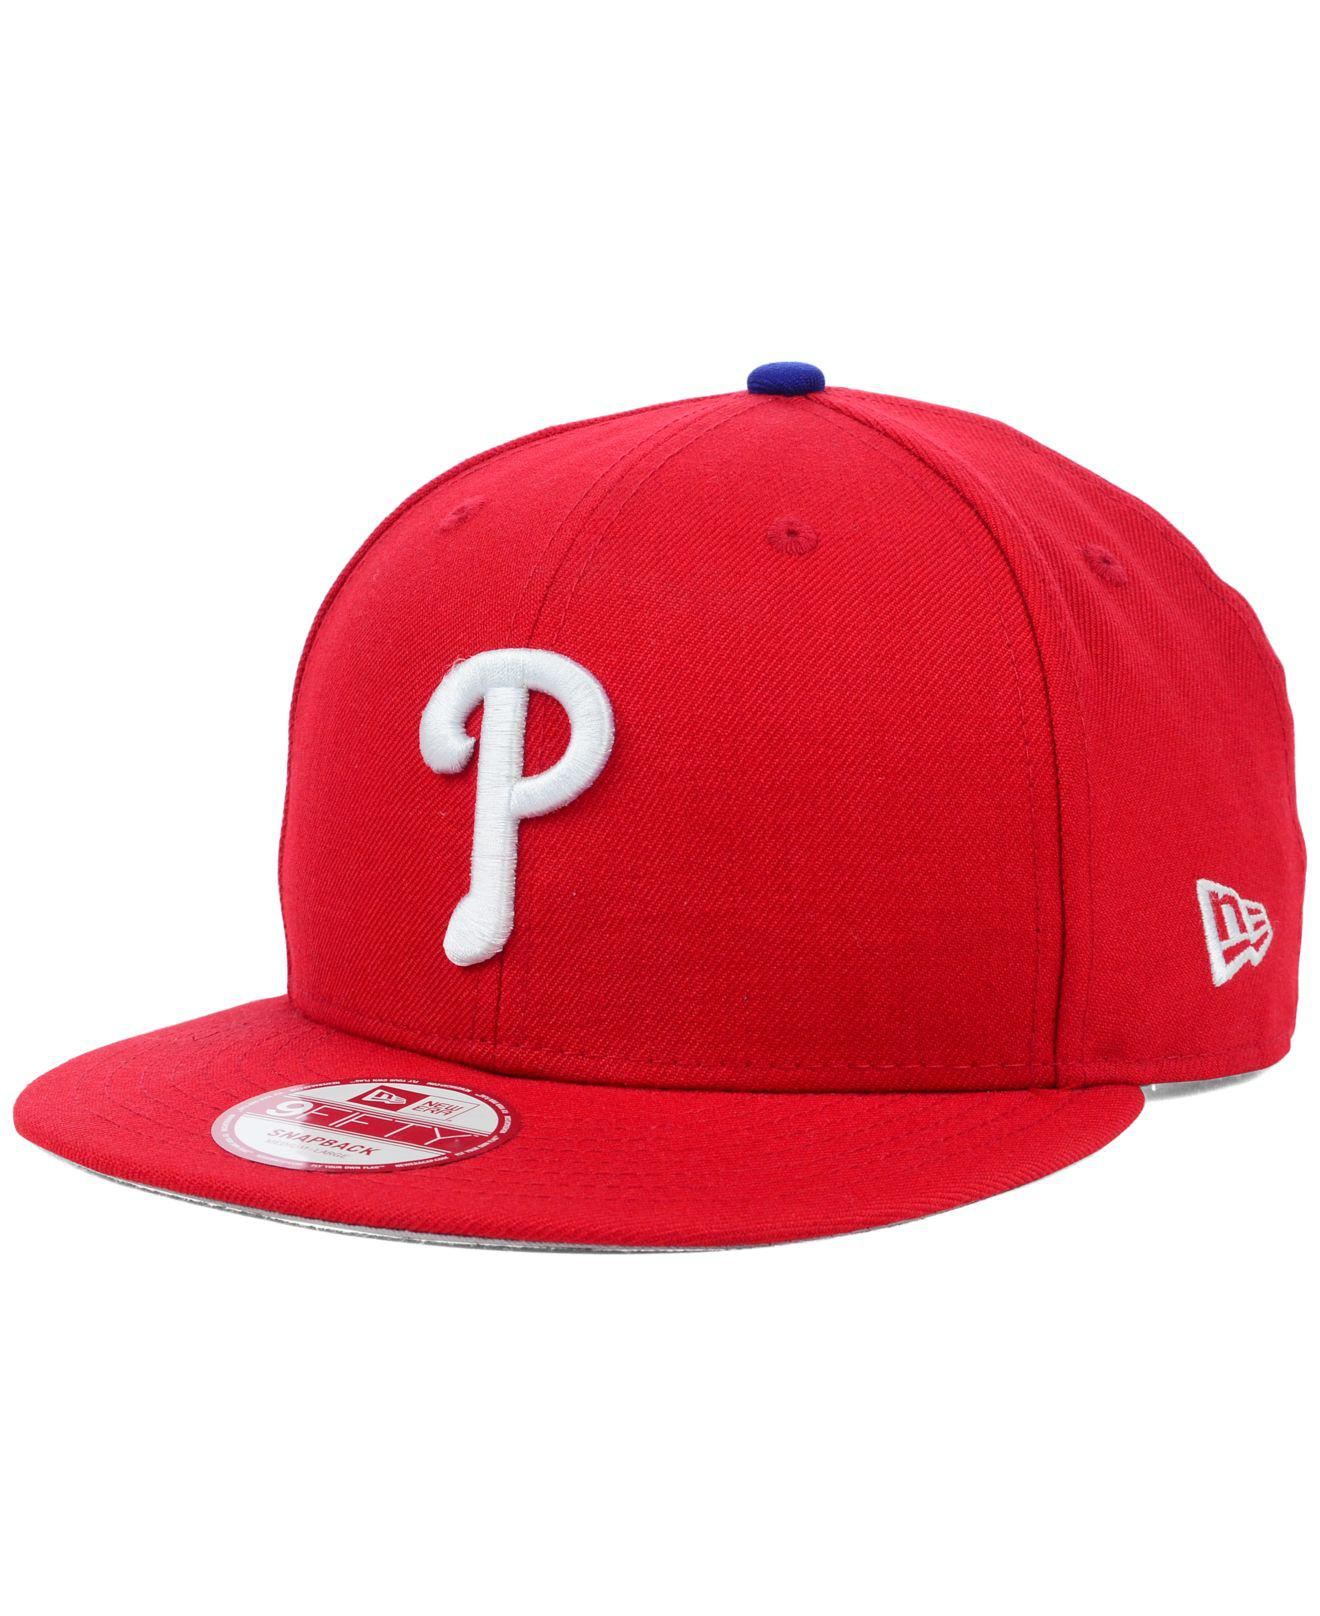 c4a7a5e3f7d Lyst - KTZ Philadelphia Phillies Mlb 2 Tone Link 9fifty Snapback Cap ...